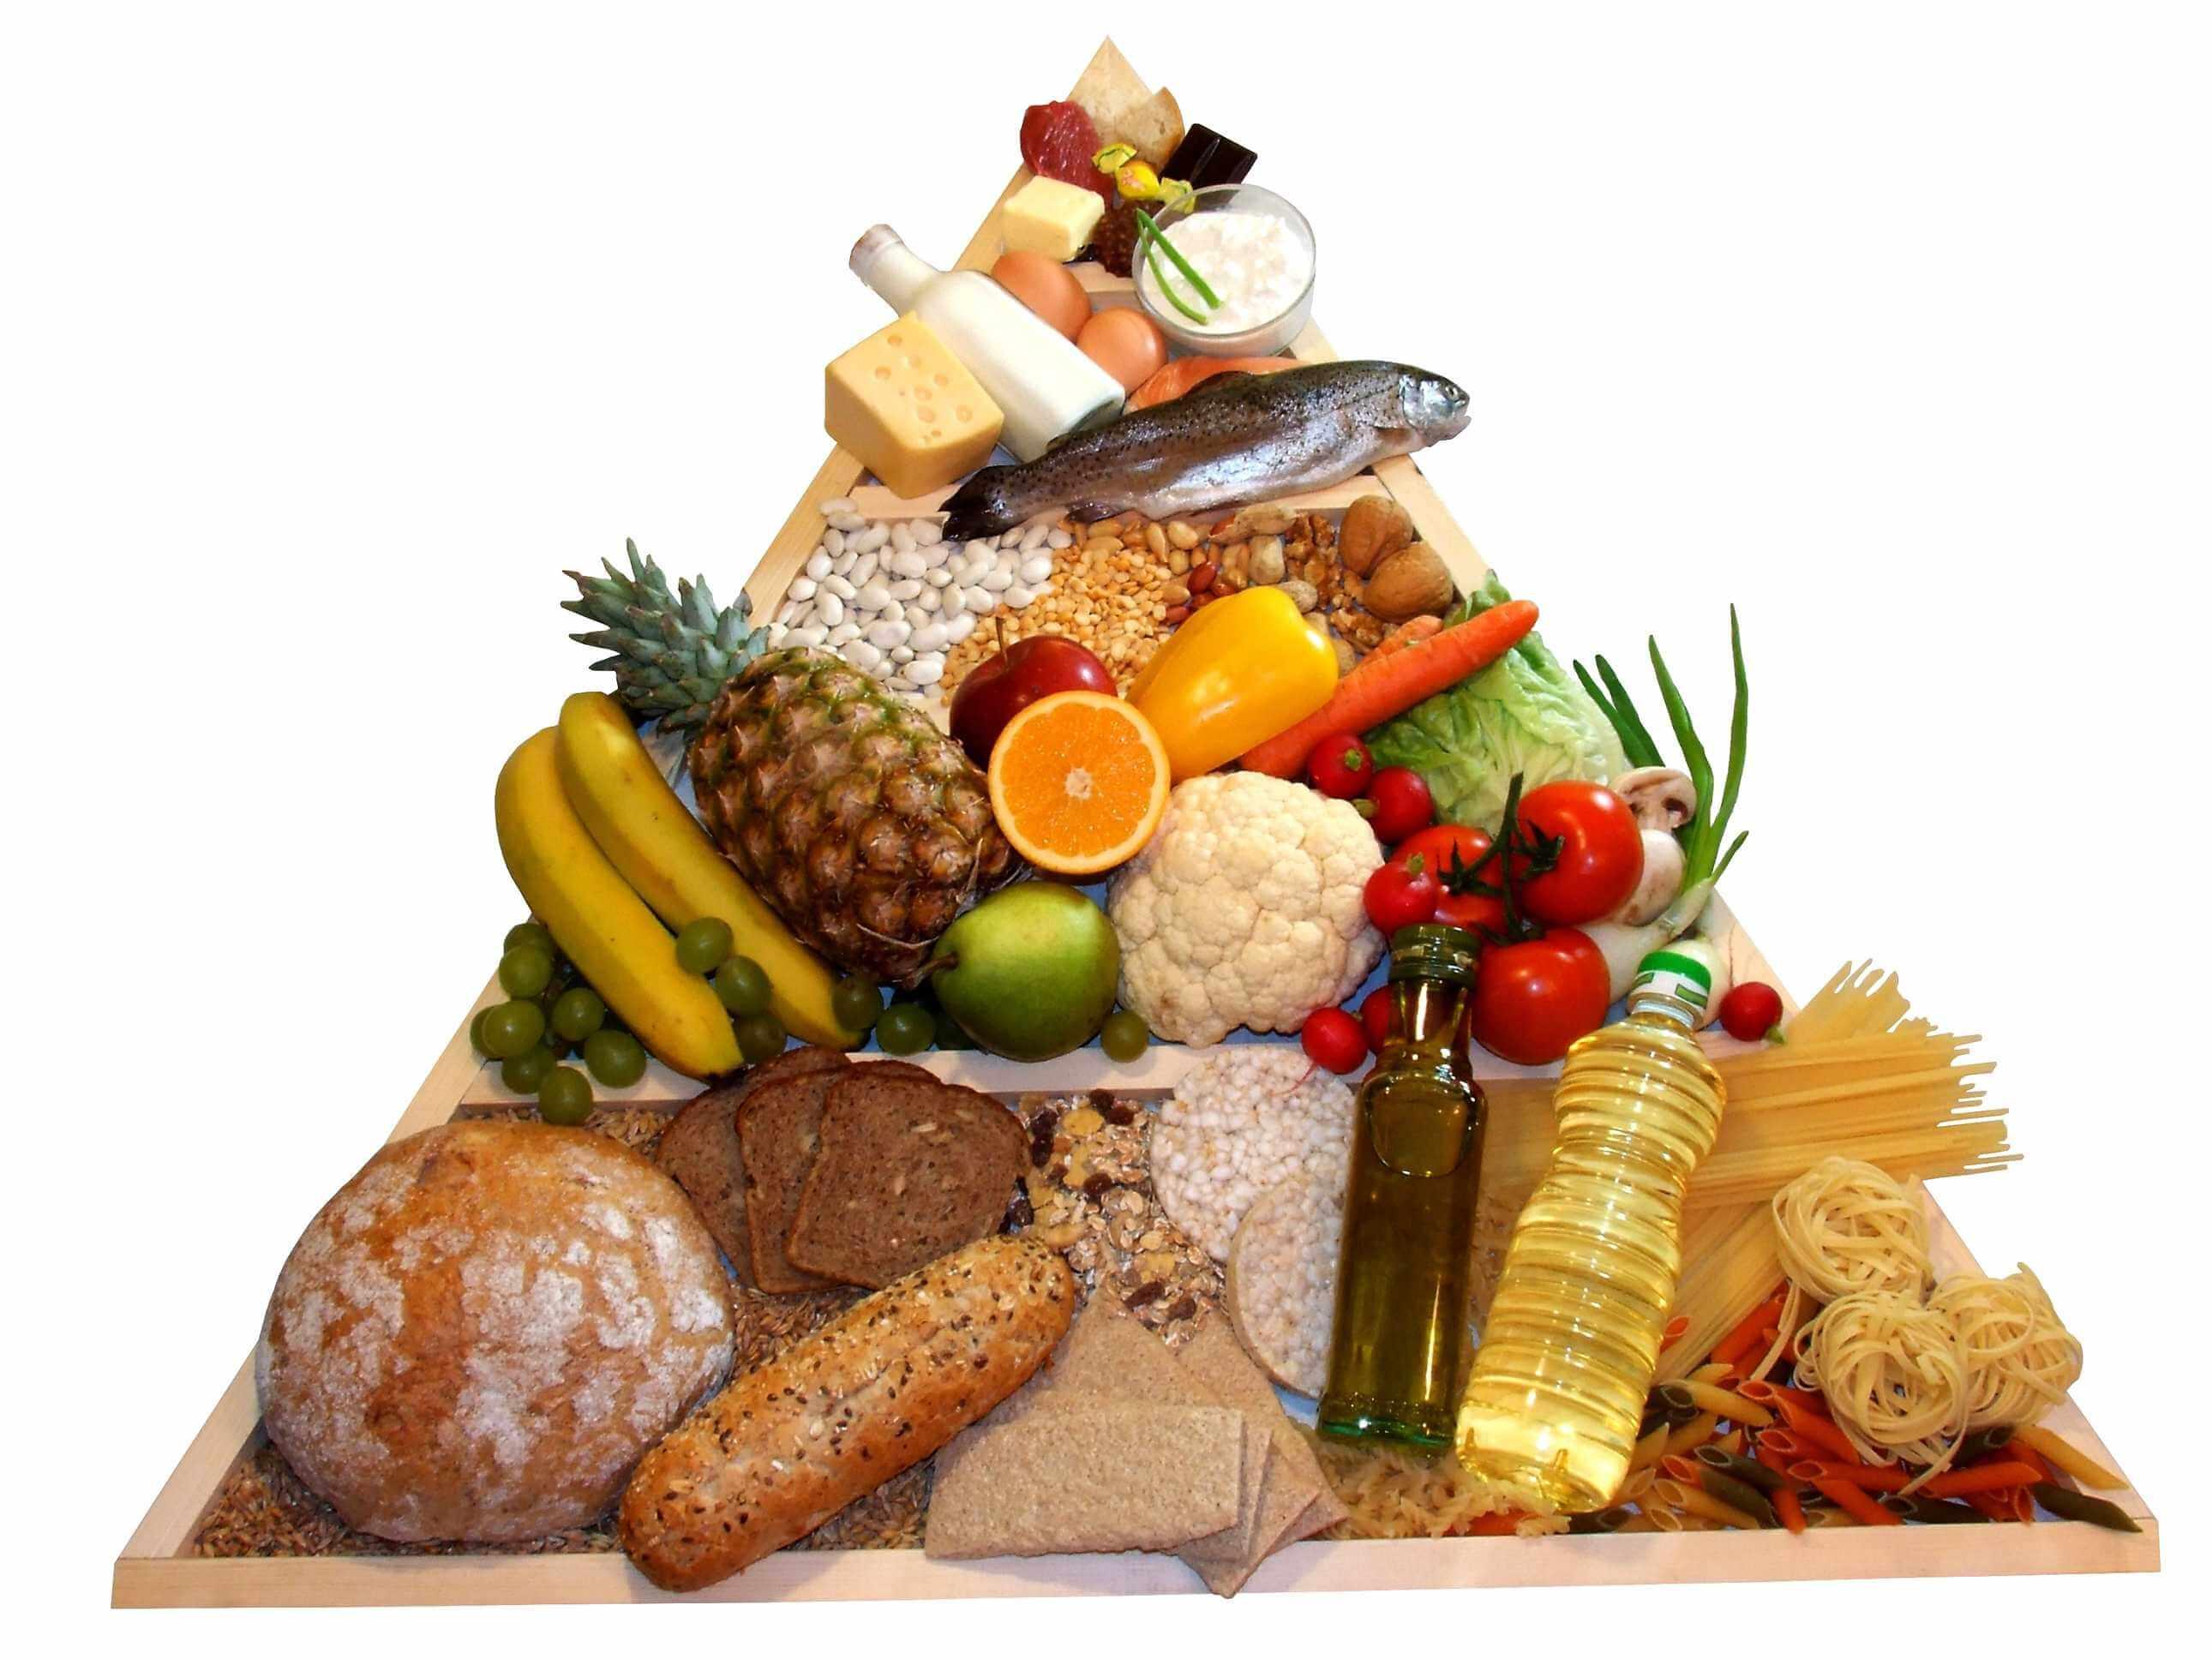 როგორ შევუხამოთ კვების დროს პროდუქტები